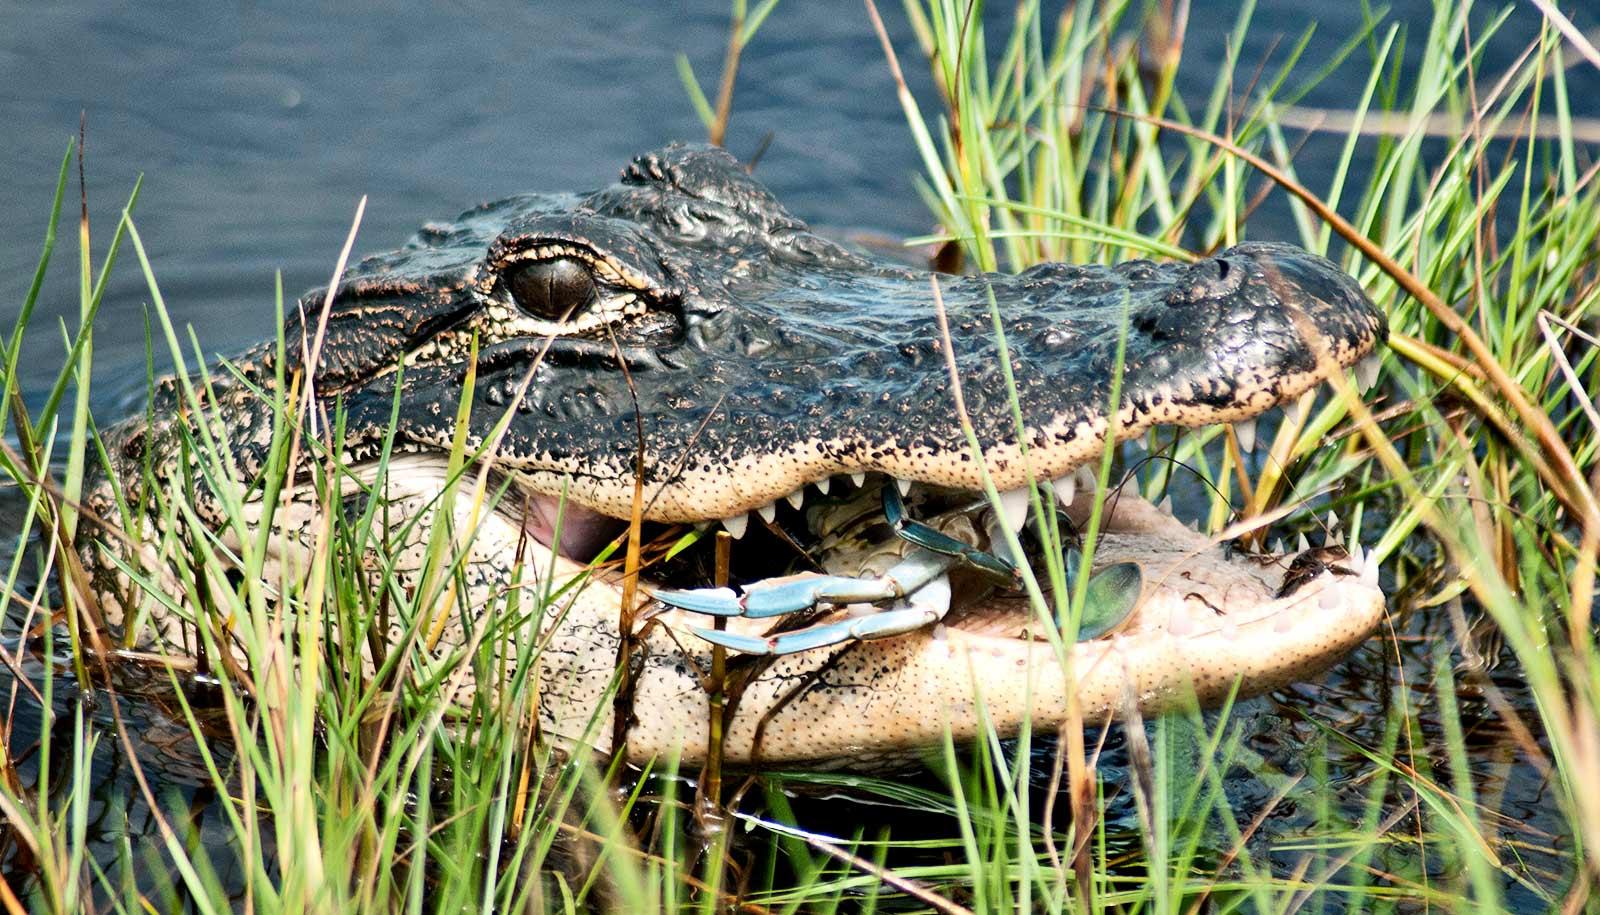 gator eating crab